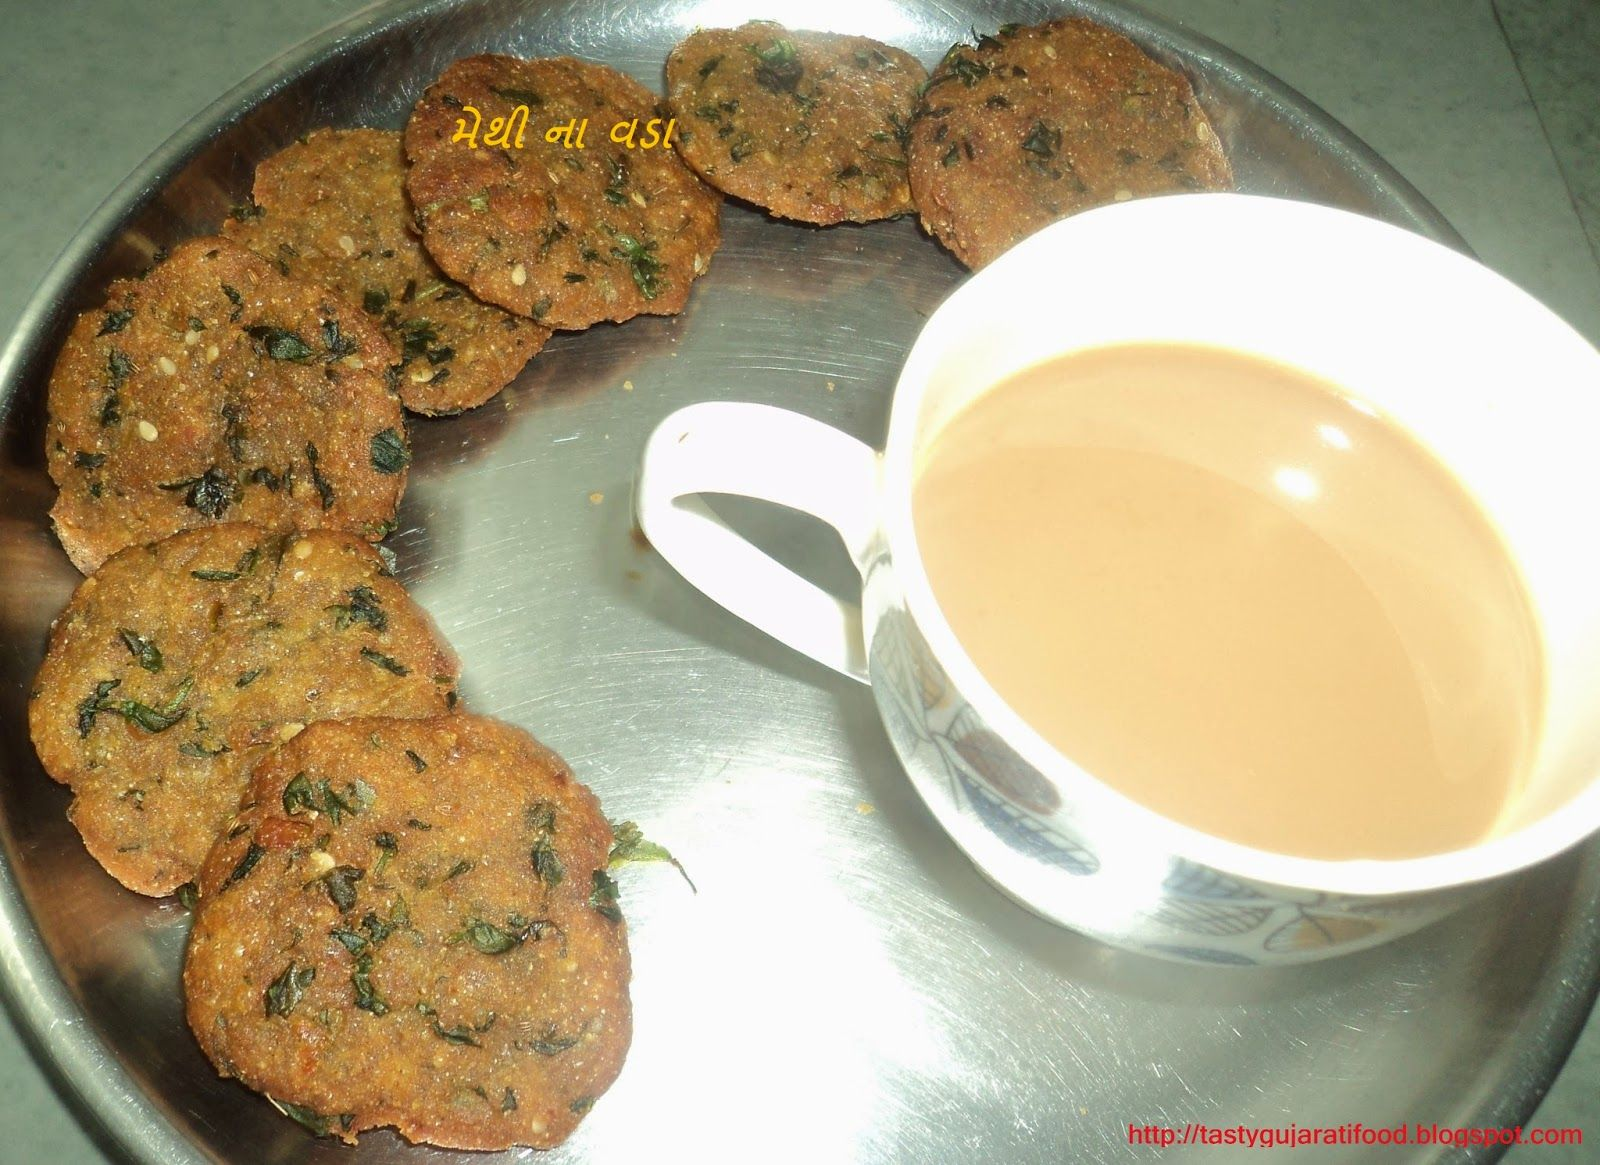 Methi na vada recipe in gujarati language recipes to cook methi na vada recipe in gujarati language forumfinder Images